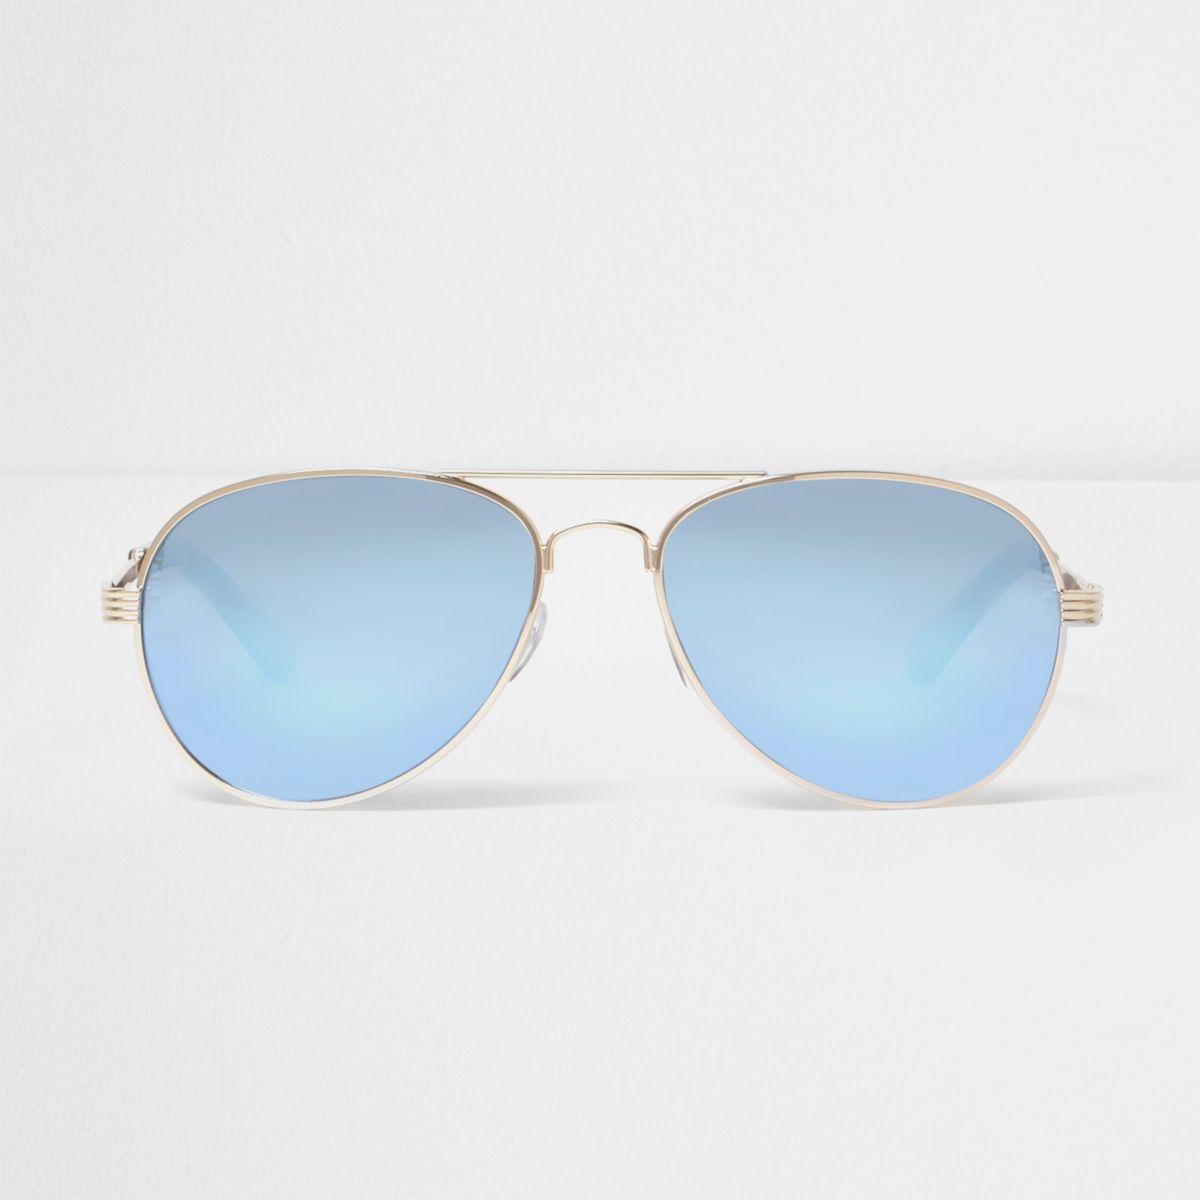 Lunettes de soleil aviateur dorées à verres bleus en dégradé